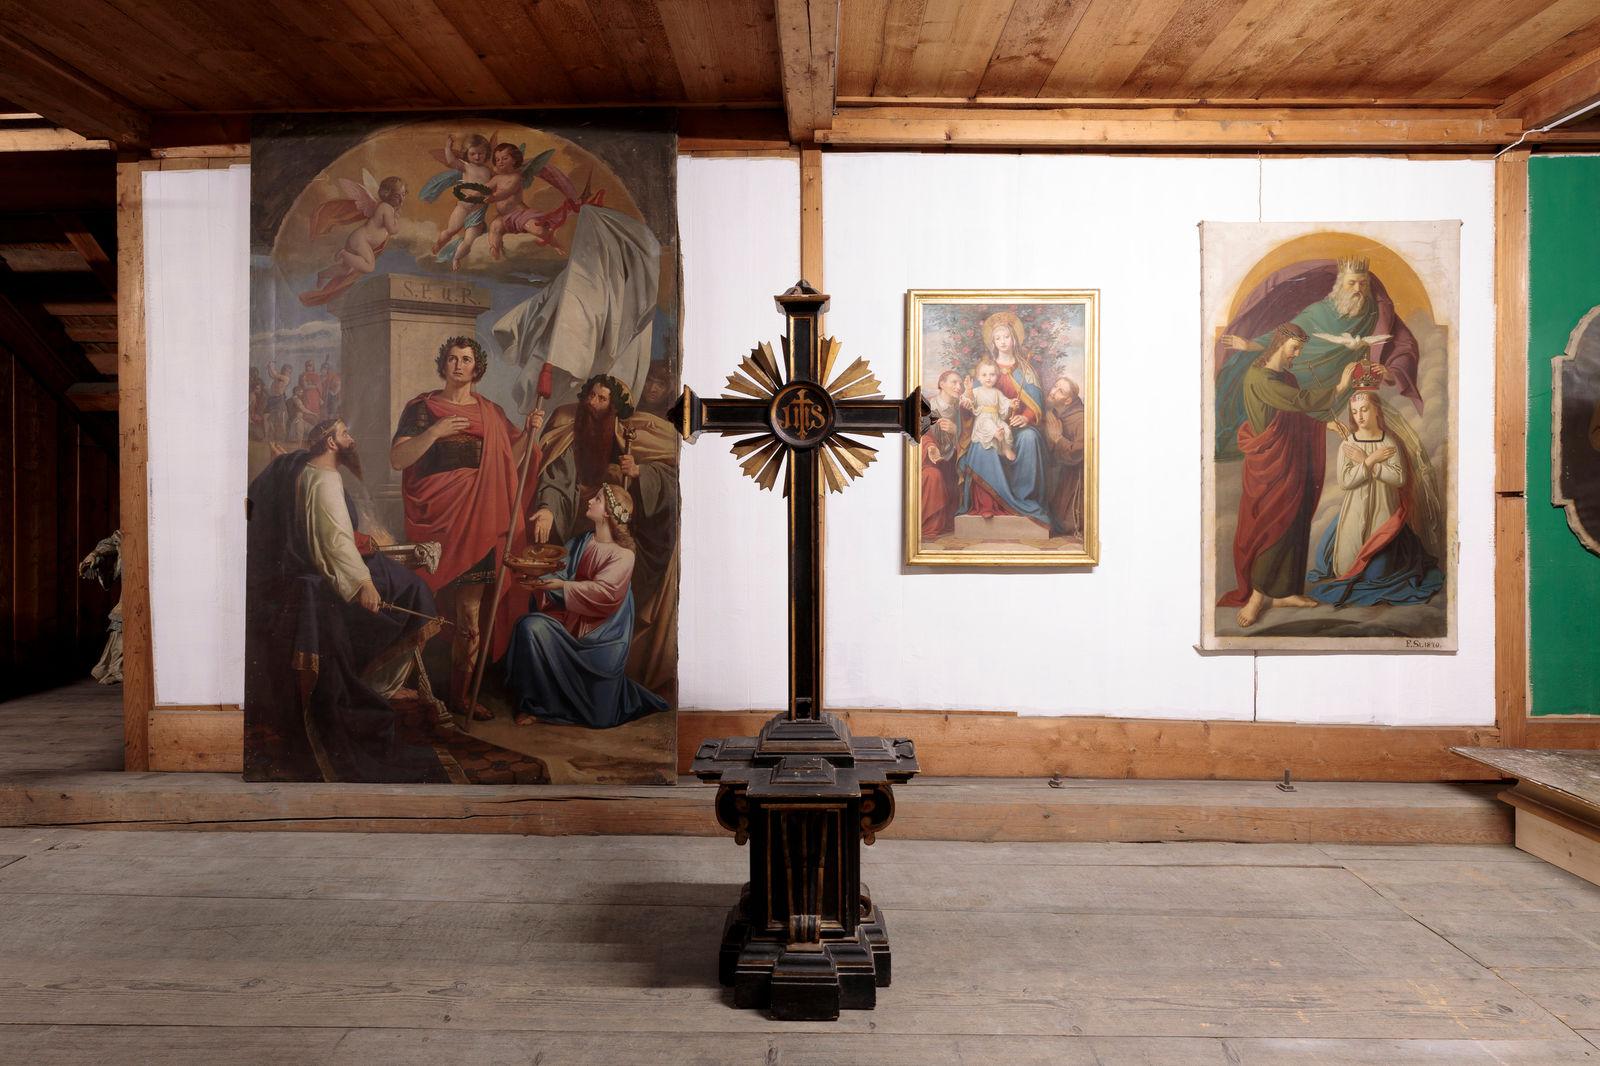 Ehemaliges Altarbild (1871 bis 1970) von Josef Balmer, Fotografie: Hannes Thalmann